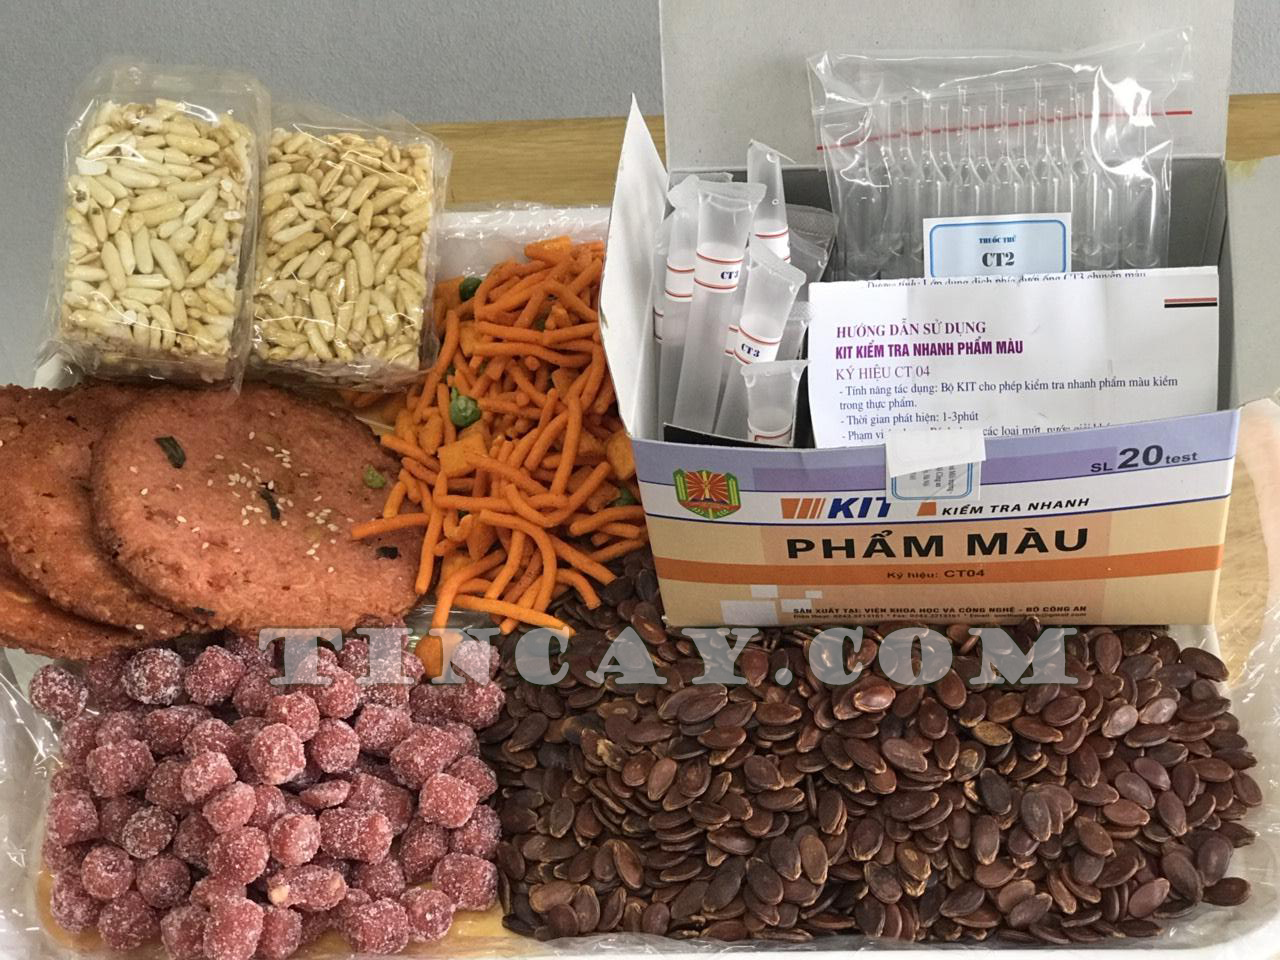 kit kiểm tra nhanh phẩm màu đồ ăn